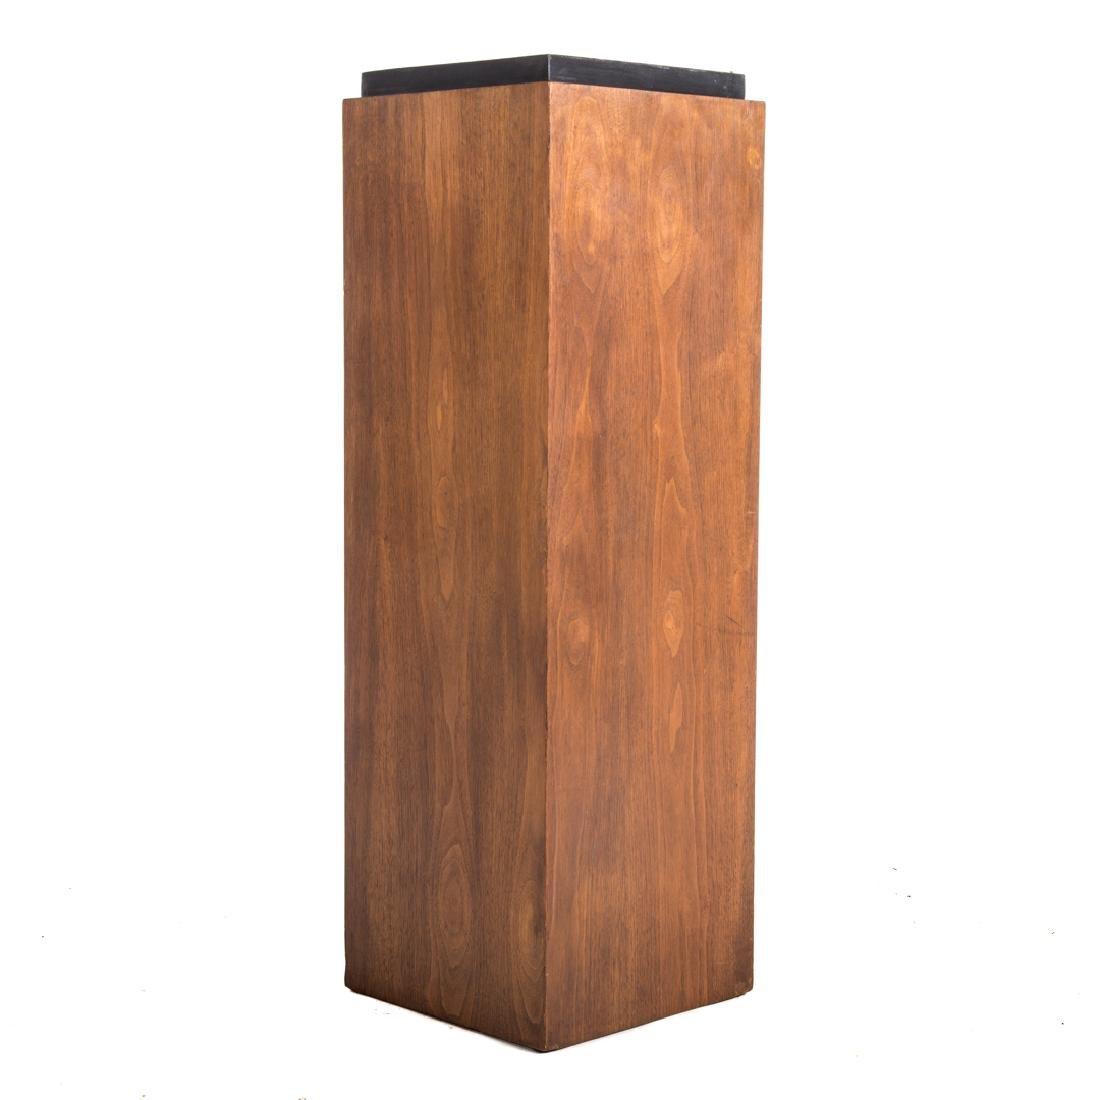 Contemporary walnut pedestal